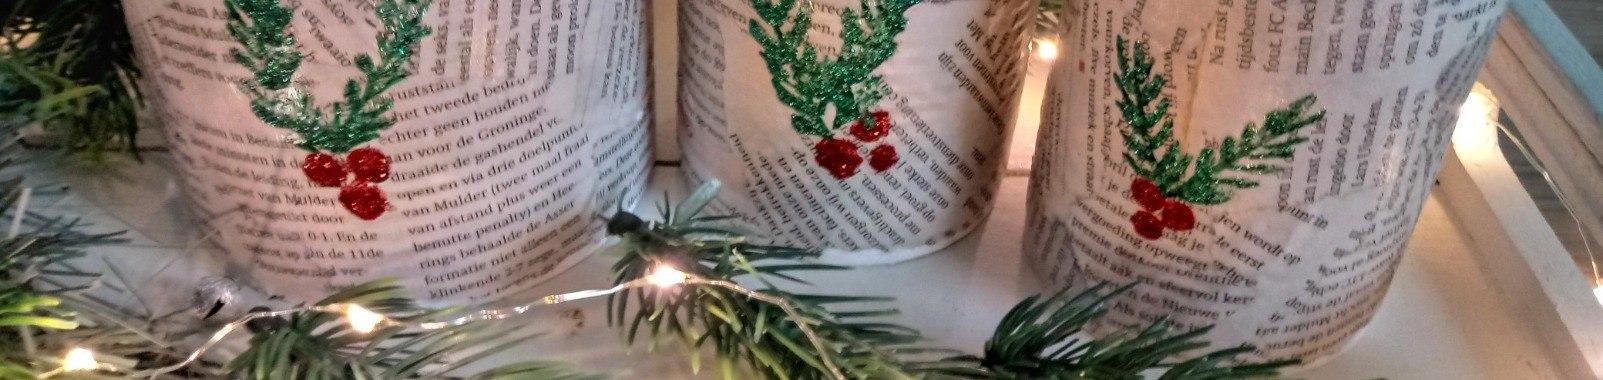 Kerstblik pimpen met kranten en Crayola glitterlijm | Kerst | blikken | kranten | Kerst | Krantenkunst | Blikpimpen | kerstdecoratie | Recycleknutsel | Recyclen | Glitterlijm | Knutselen | Creametkids